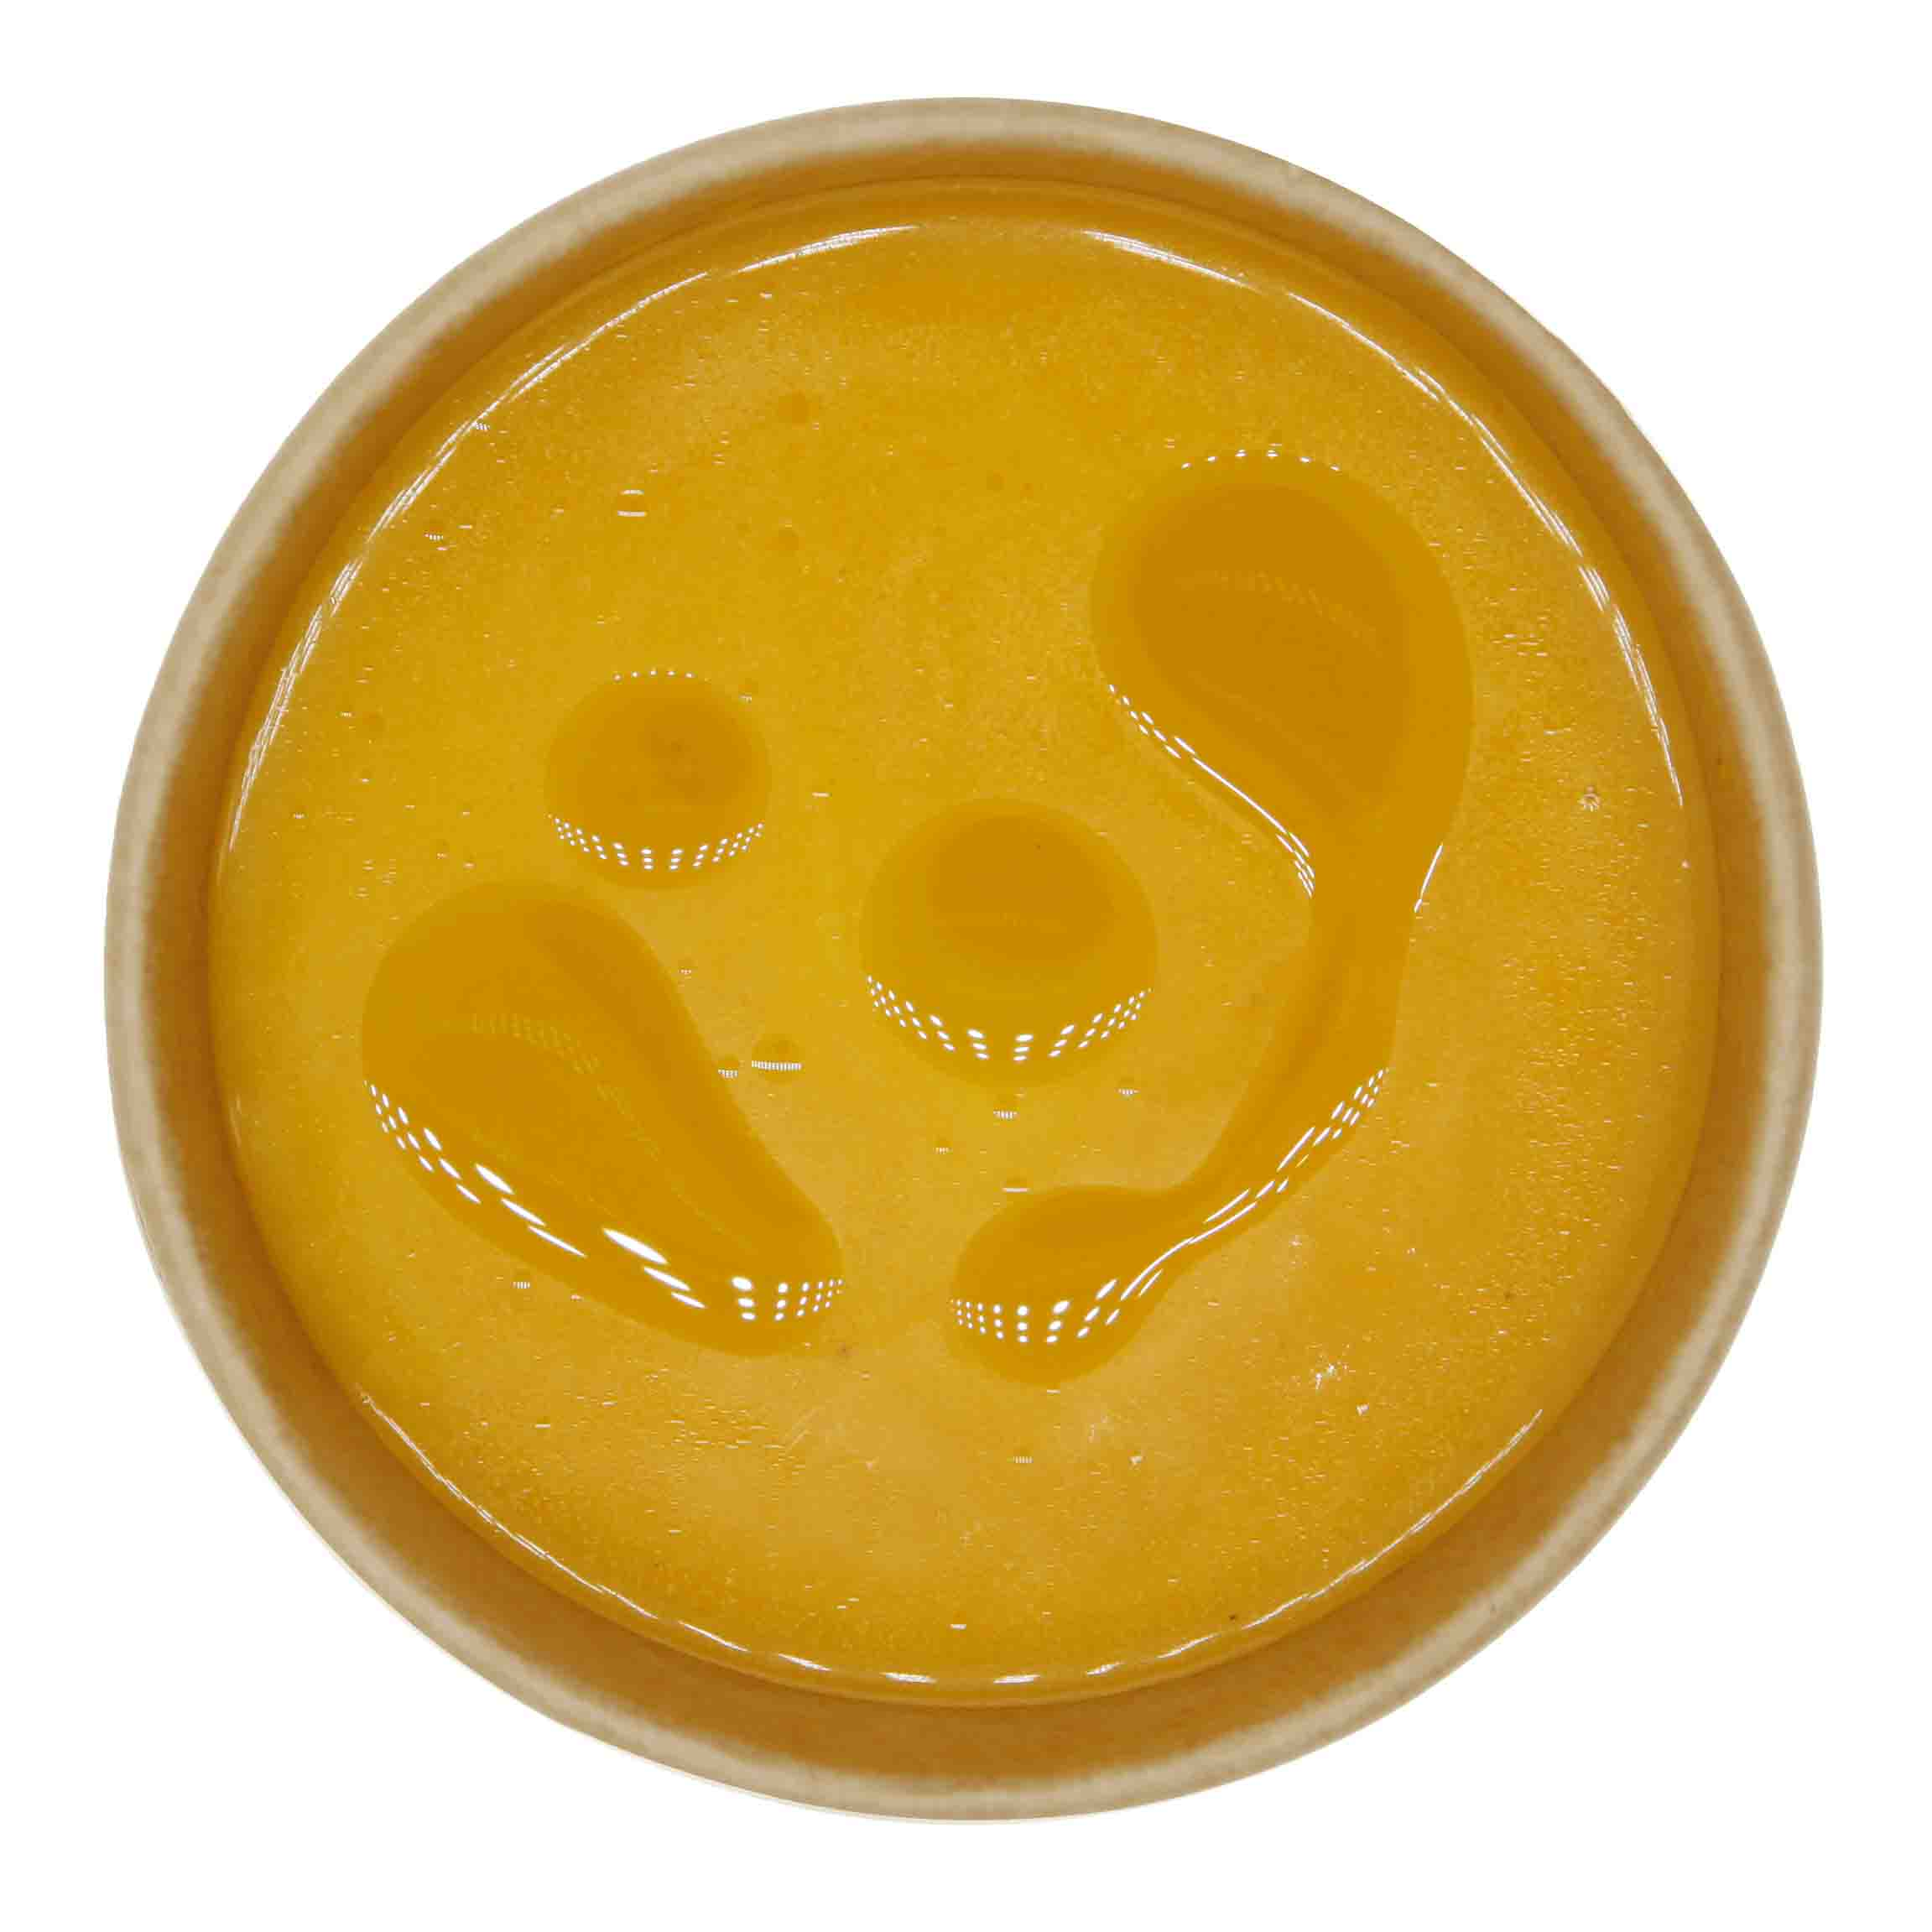 CARROT SOUPKCAL PER SERVING: n/aINGREDIENTS: carrot, light cream, onion, salt, pepper, olive oil -